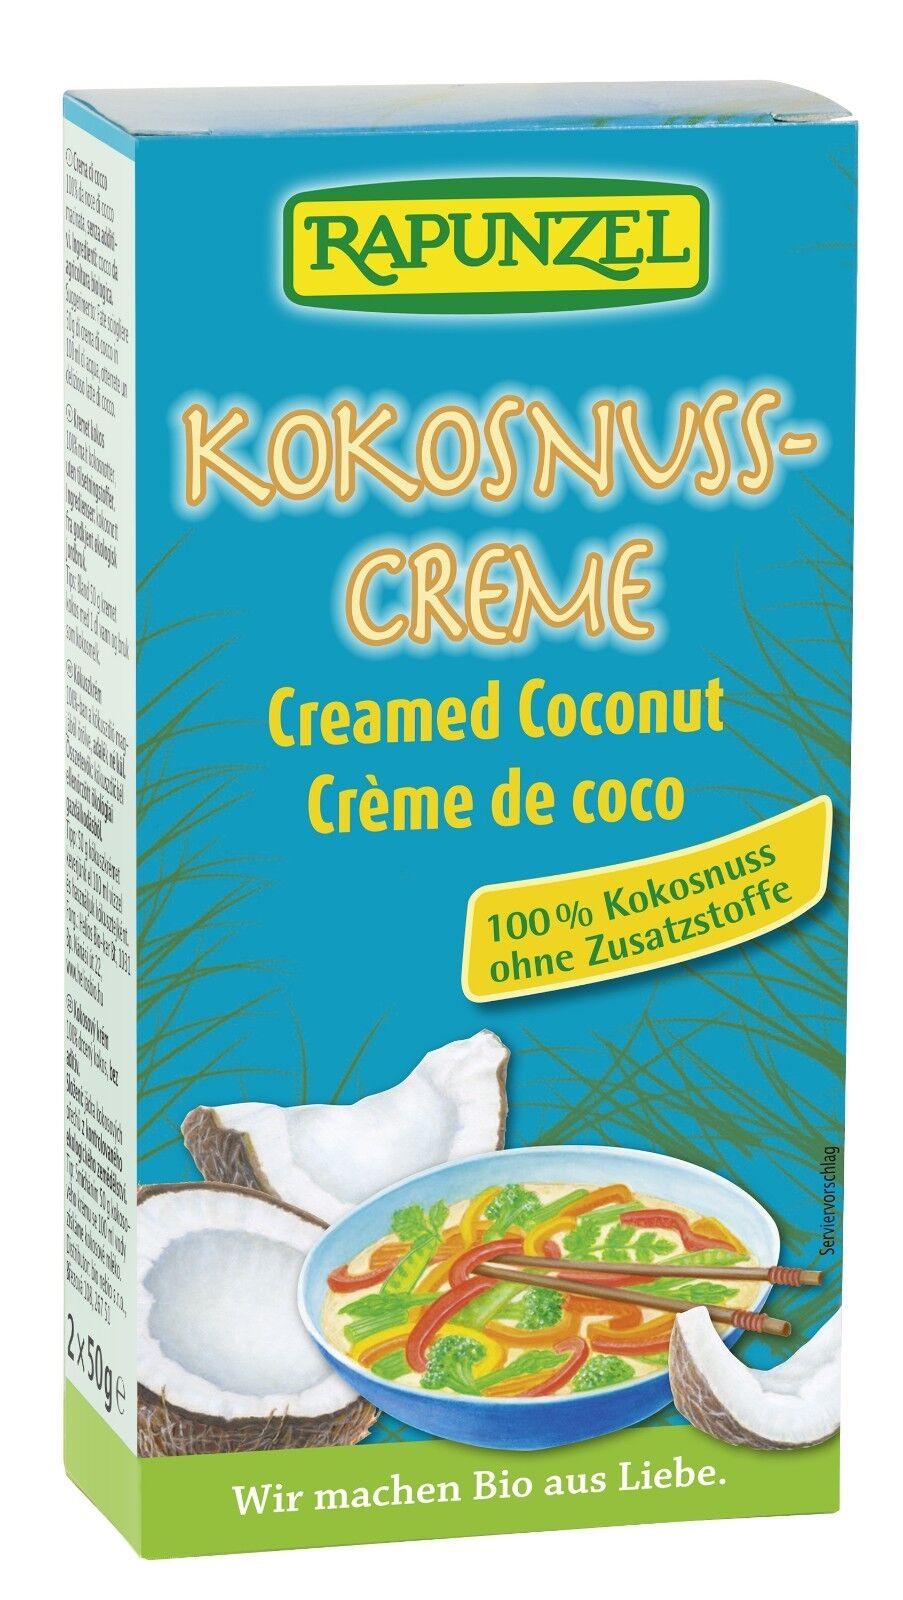 RAPUNZEL - Kokosnuss-Creme - zaubert einen Hauch Exotik  - 100gr  BIO AUS LIEBE